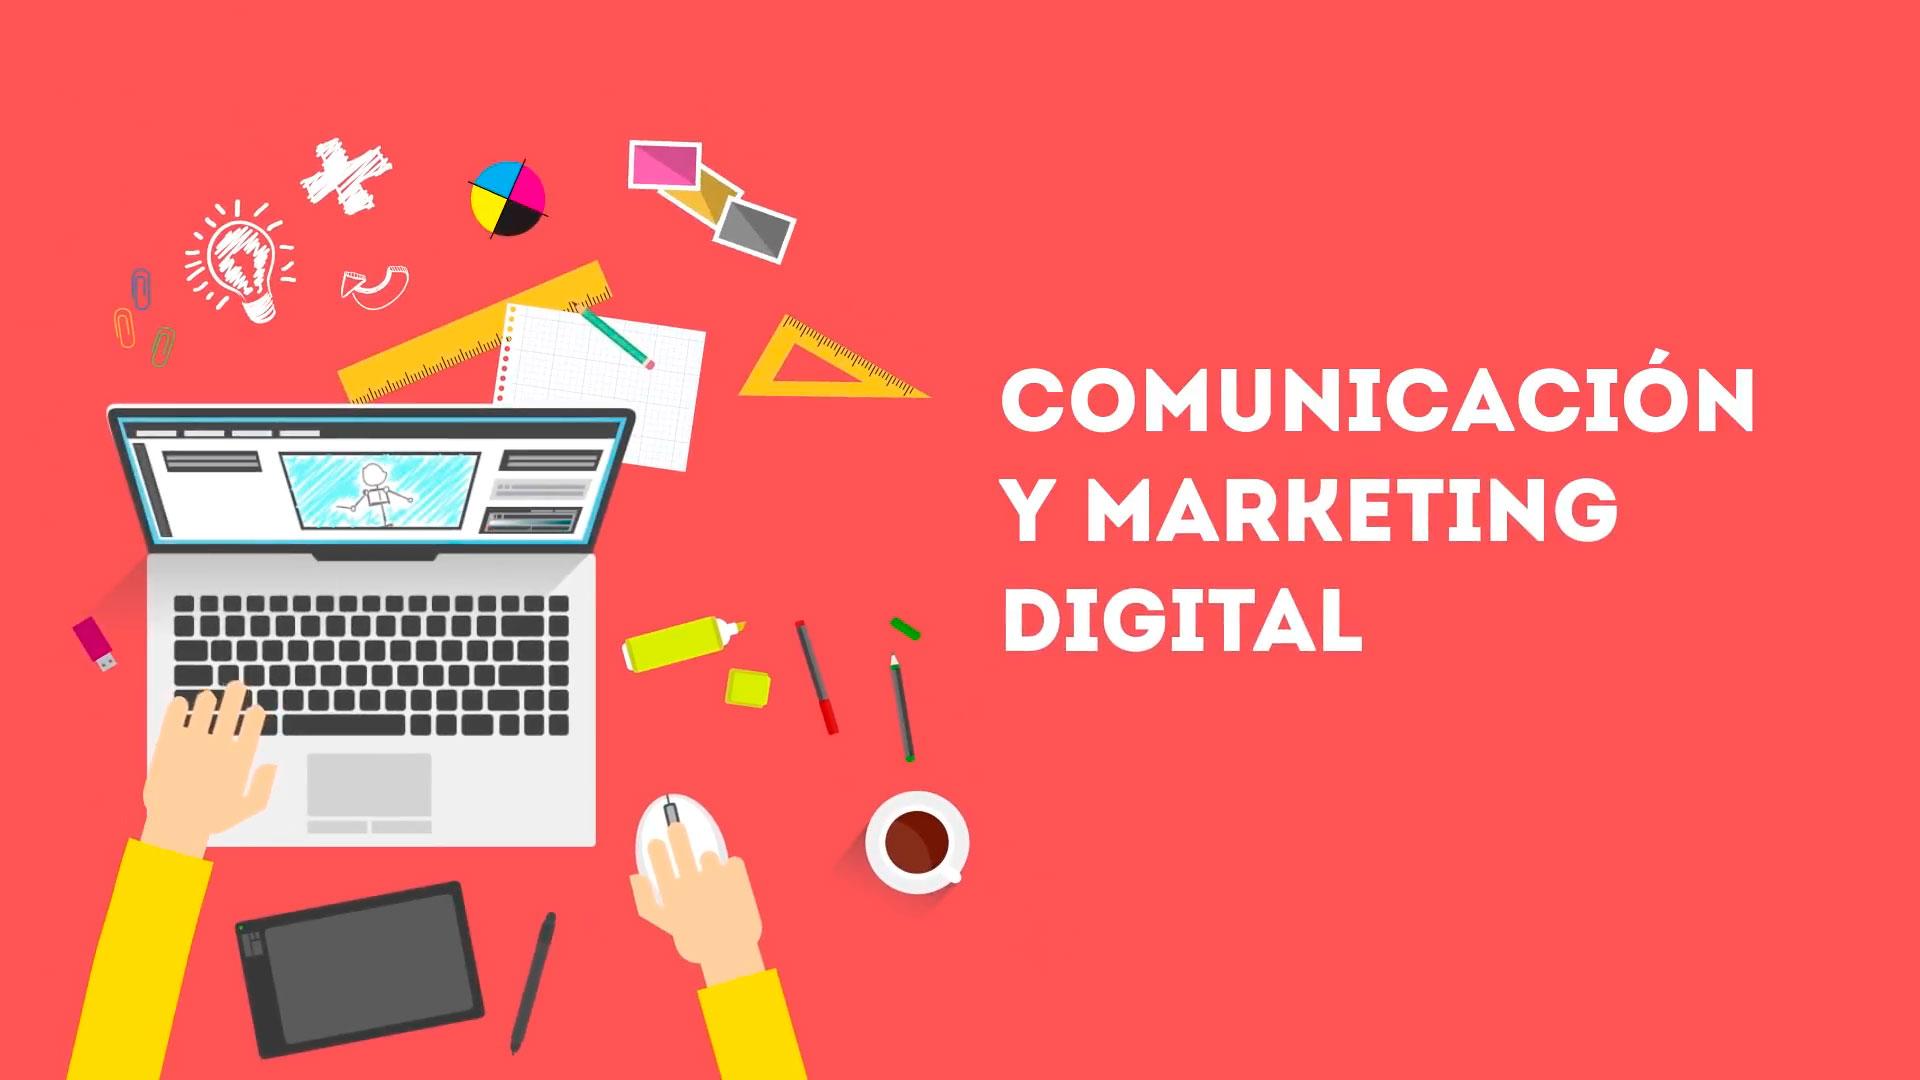 El marketing digital contribuye al desarrollo de tu negocio